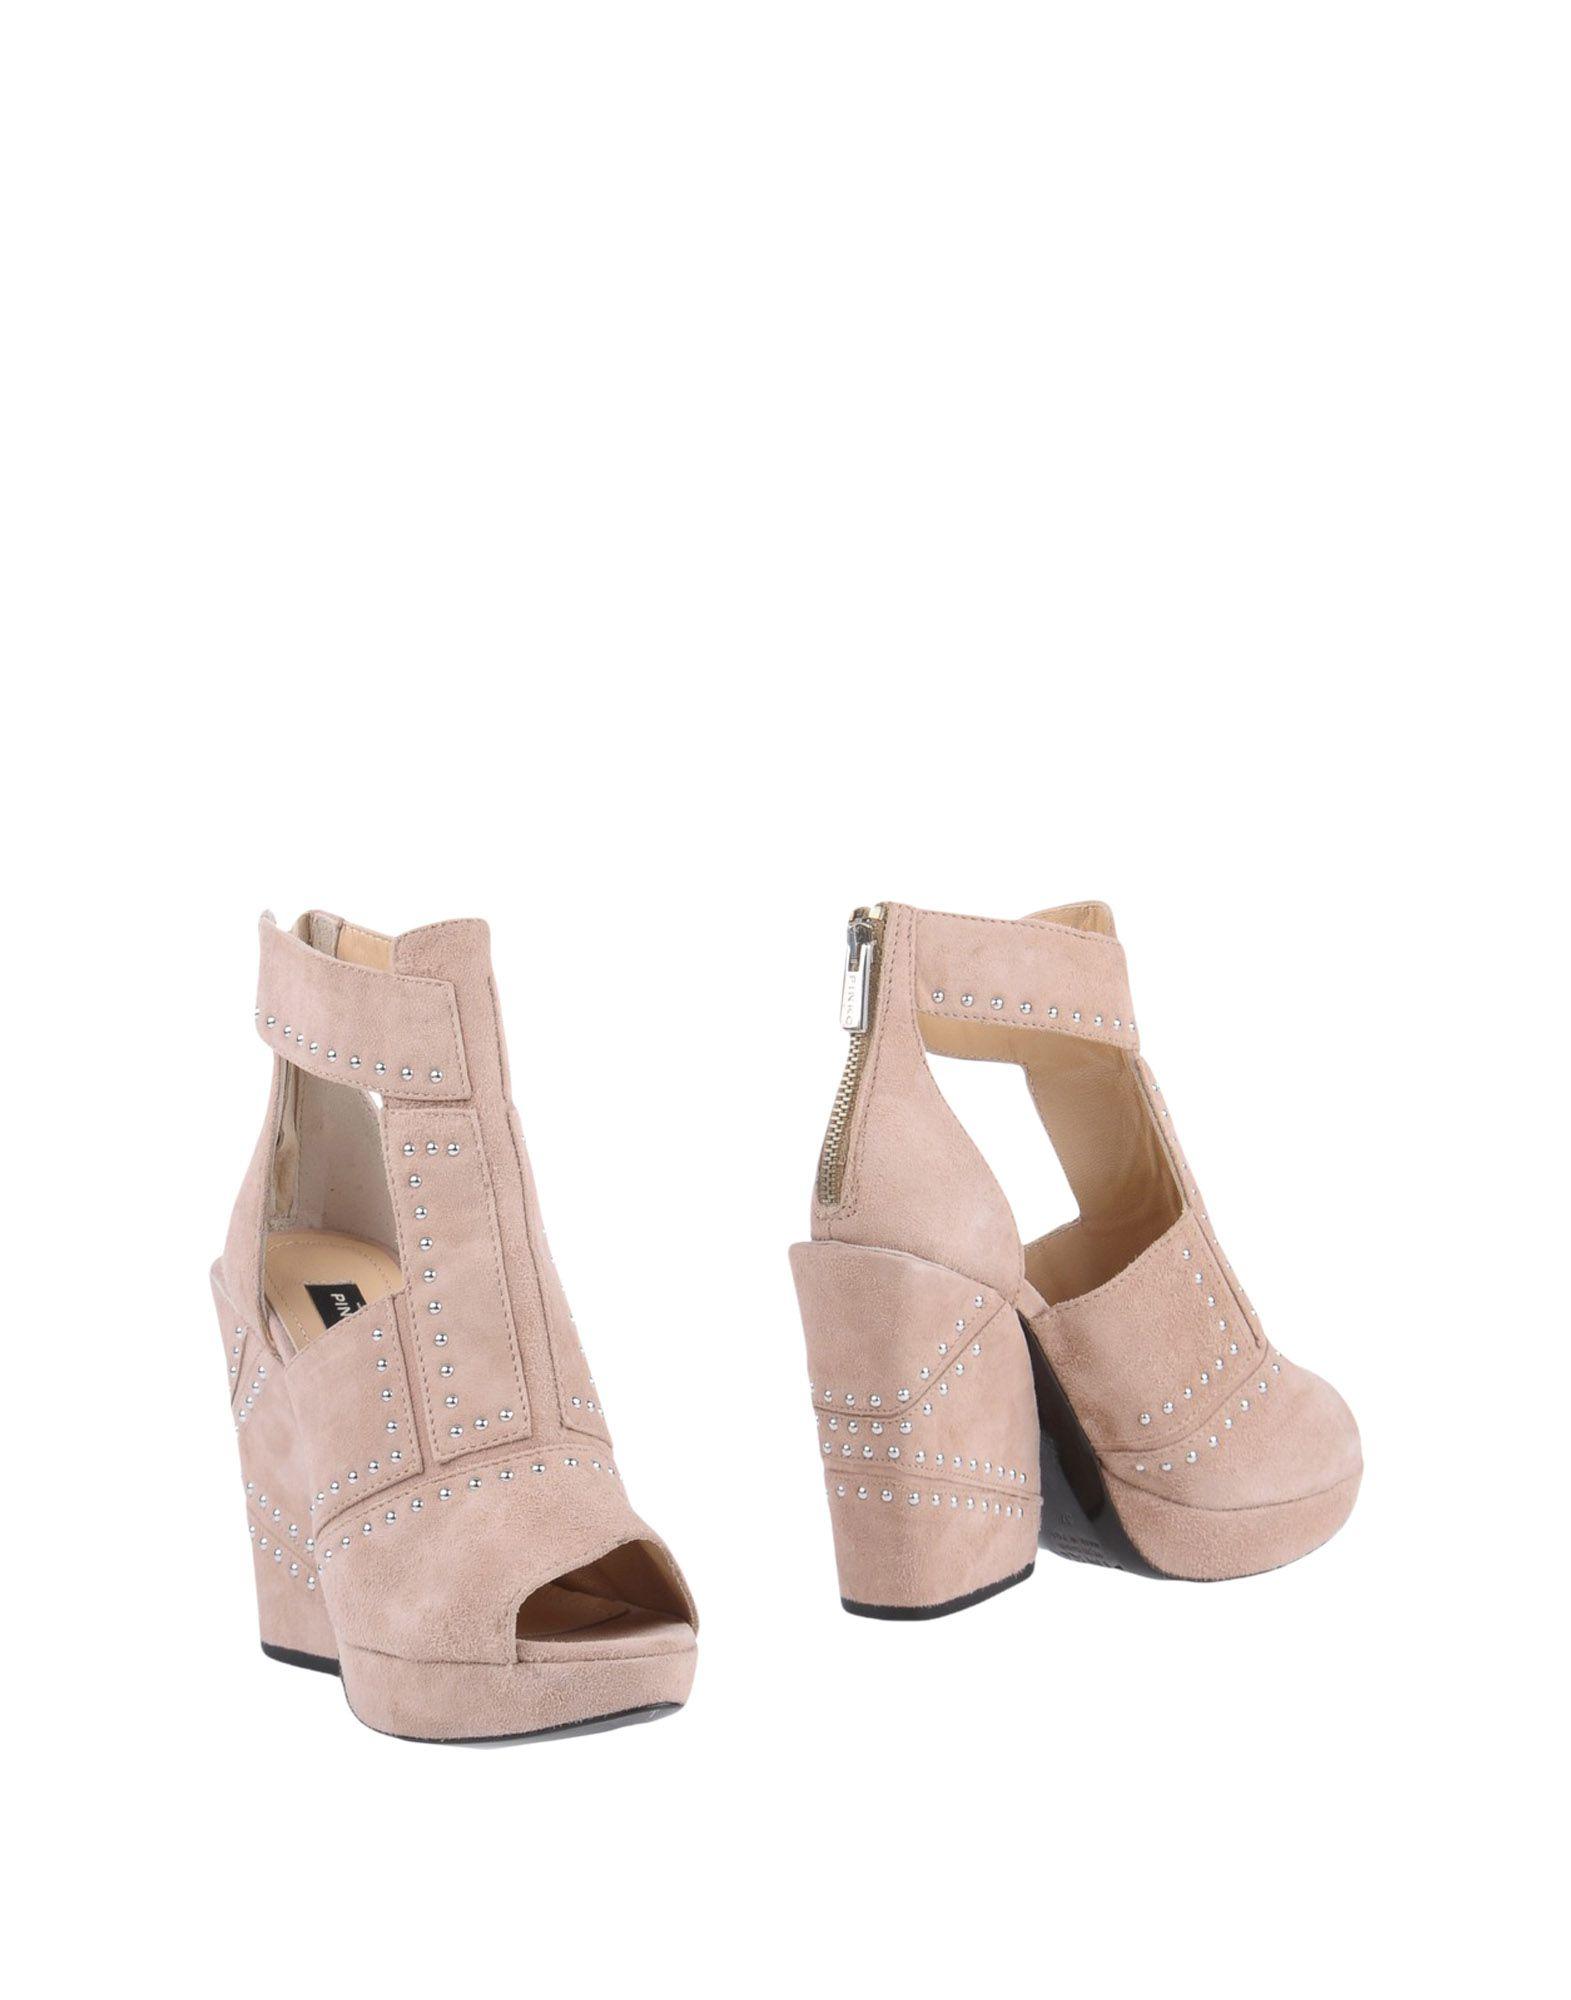 Pinko Stiefelette Damen  11327425RP Gute Qualität beliebte Schuhe